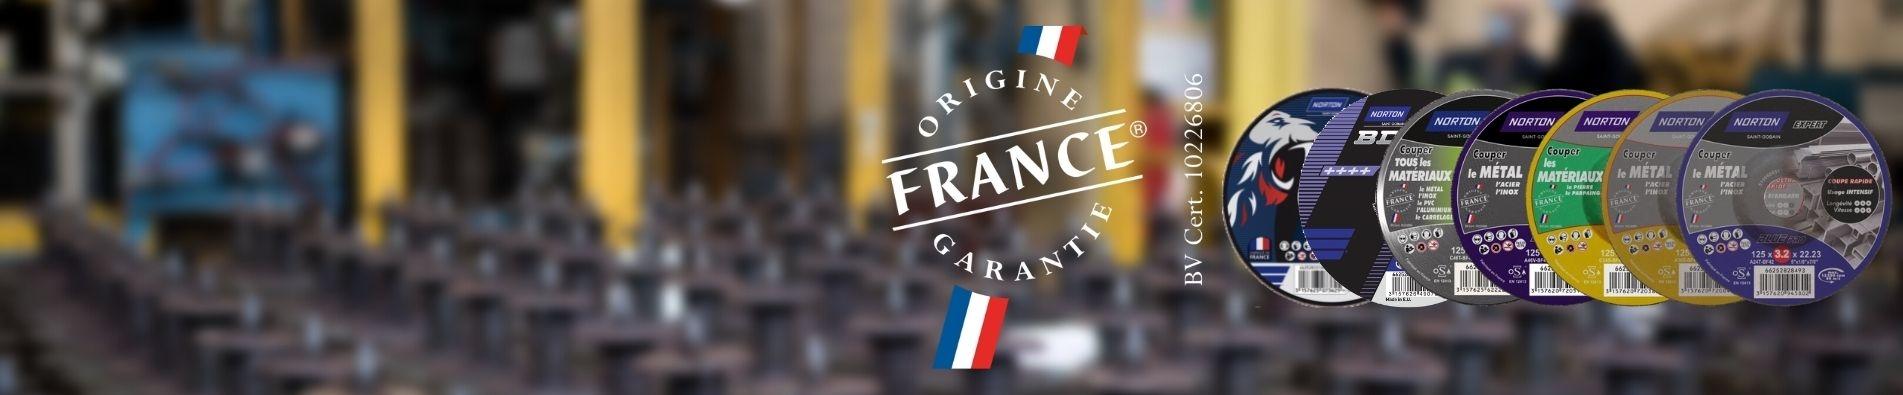 Nos gammes de disque de tronçonnage ayant obtenu le label Origine France Garantie